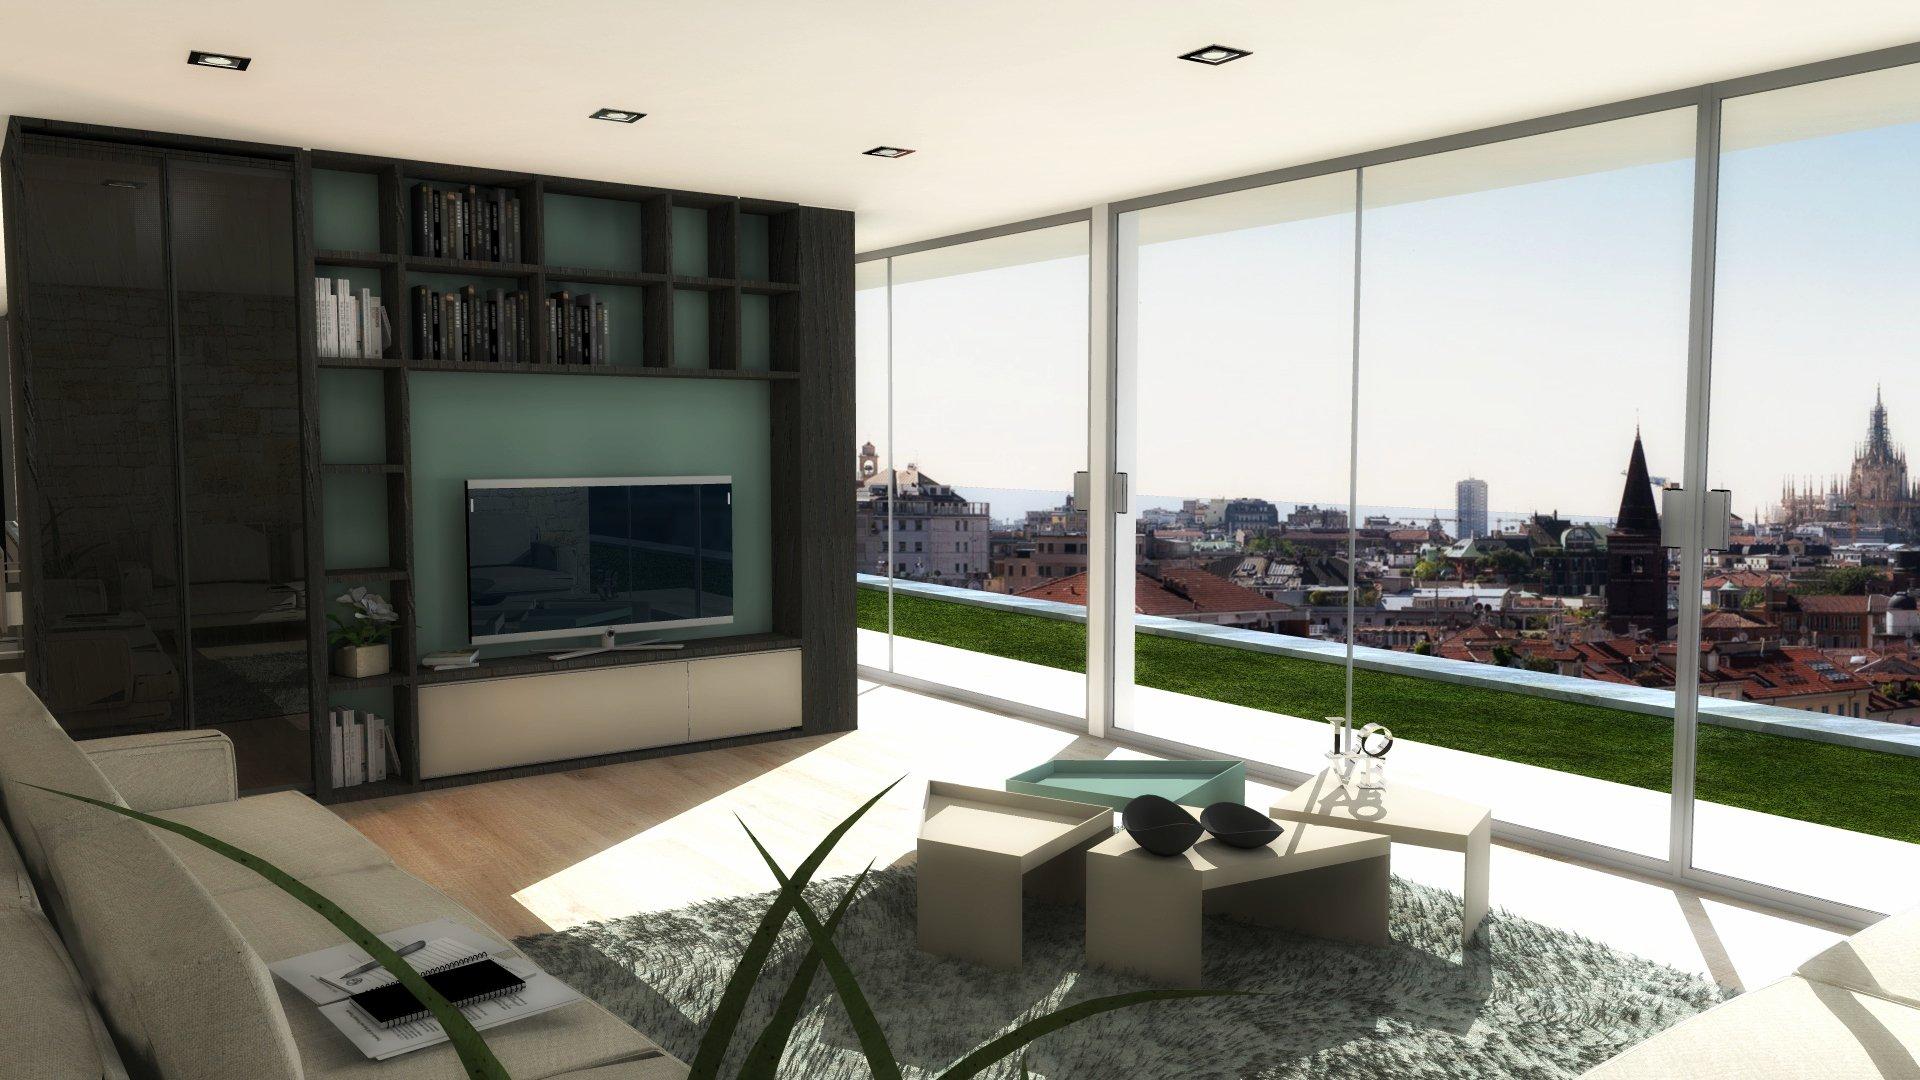 Dividere soggiorno e cucina senza pareti. Un progetto in 3D ...